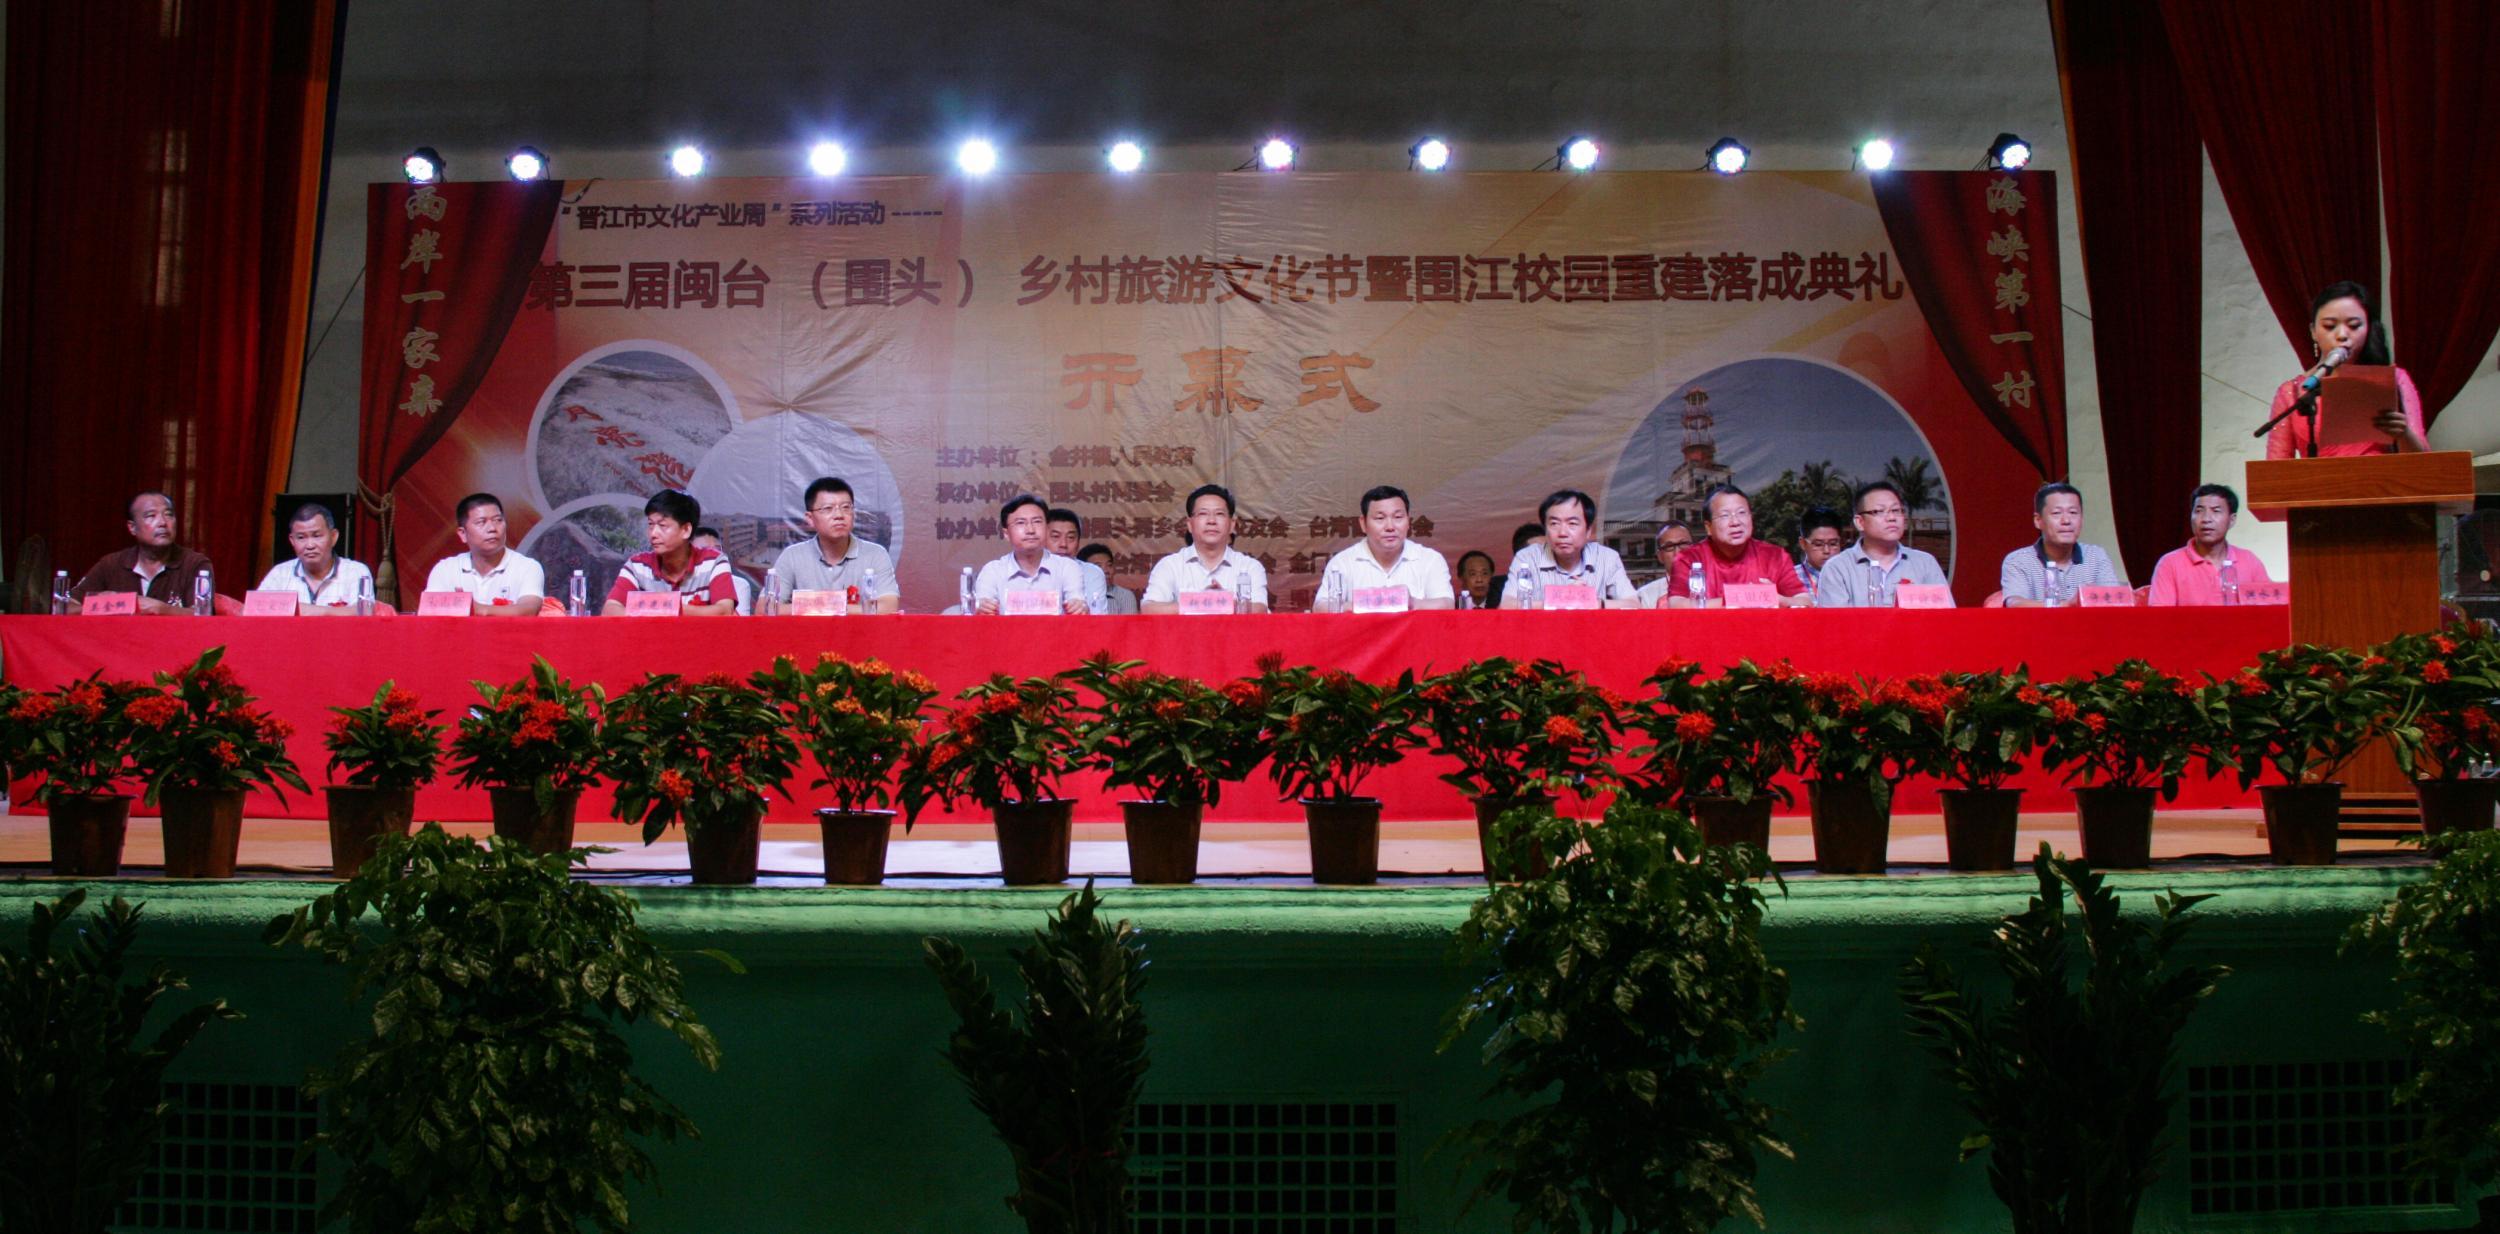 第三届闽台(围头)乡村旅游文化节系列活动